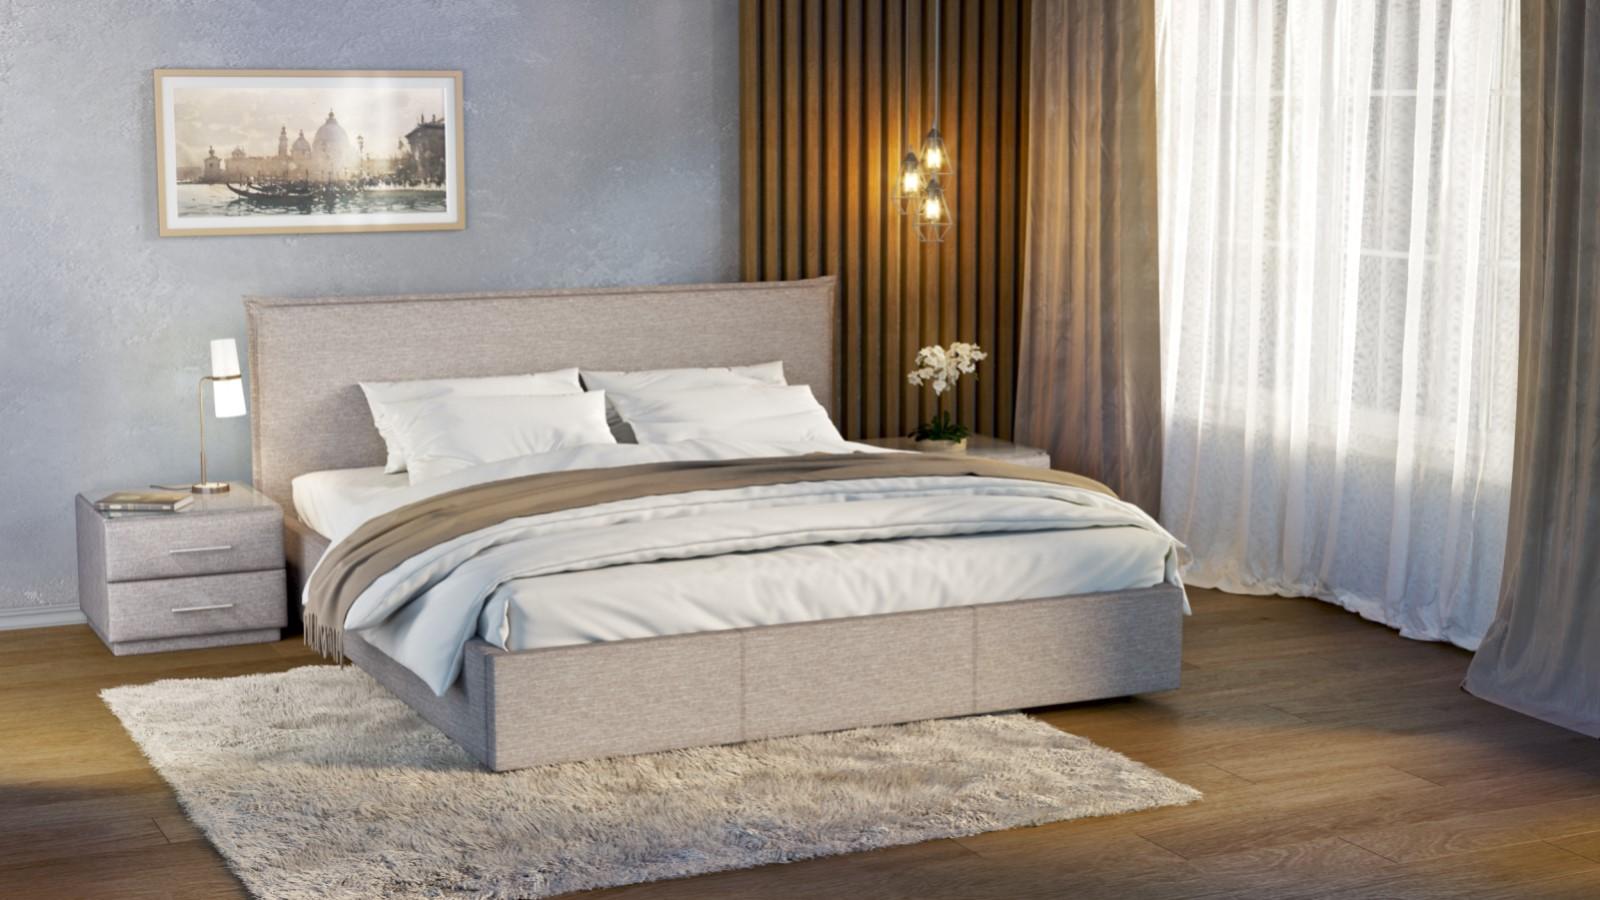 Фото - Кровать с подъемным механизмом Askona Amely кровать с подъемным механизмом askona milana